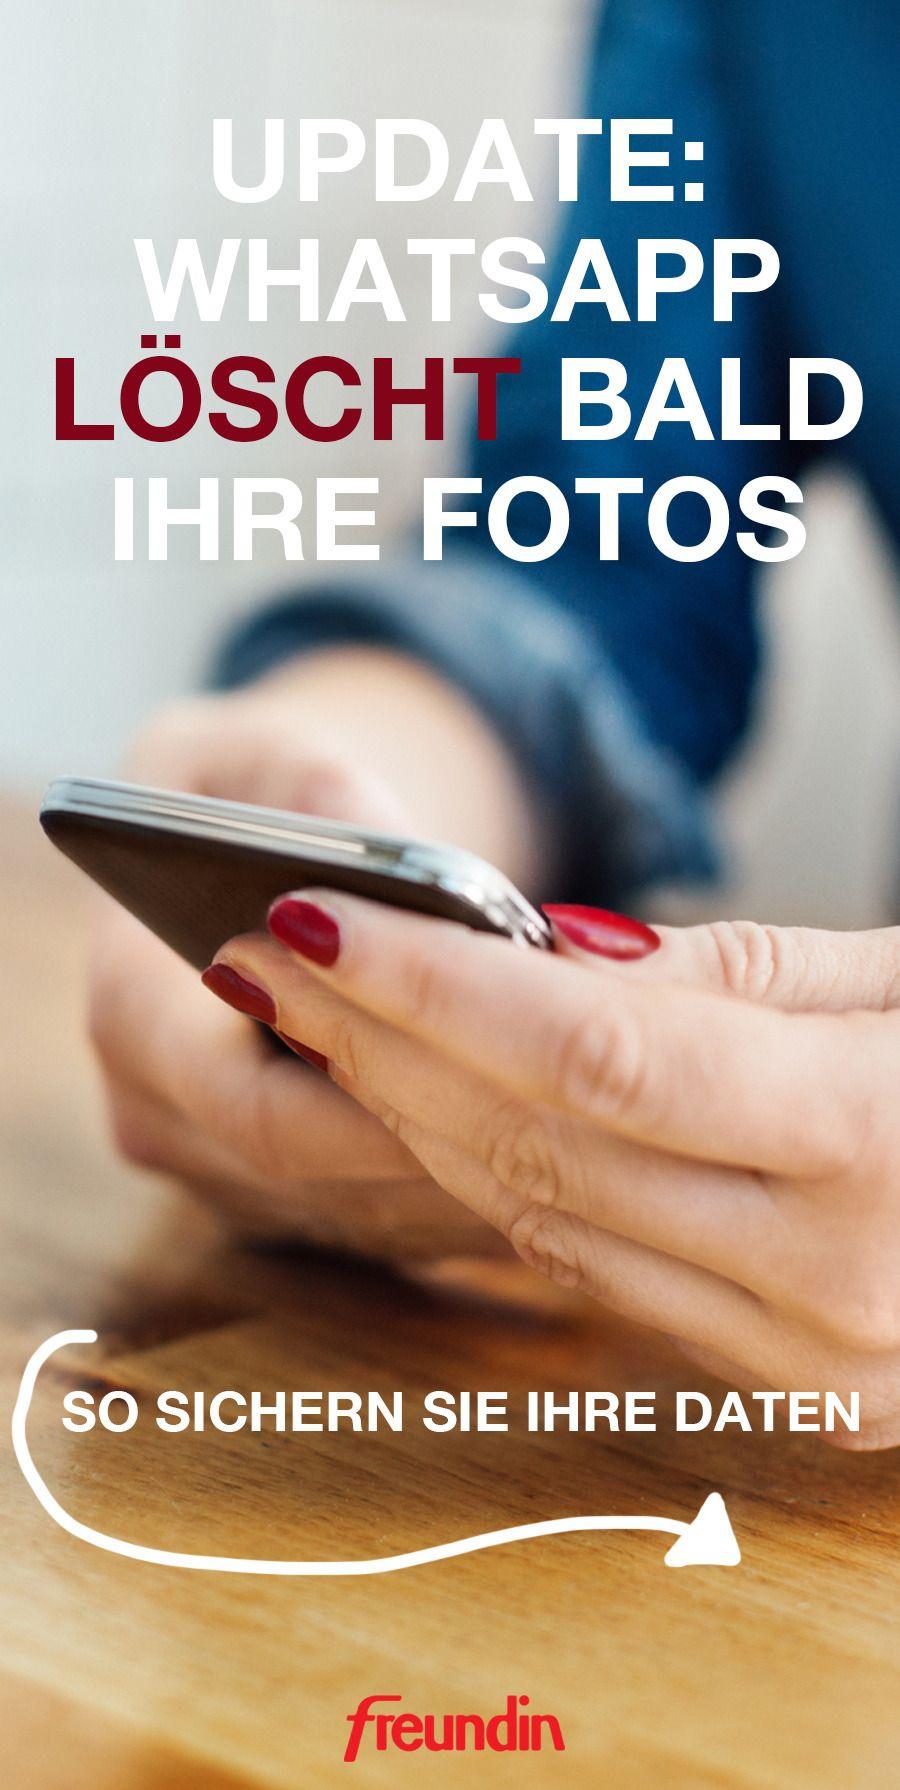 Update: WhatsApp löscht bald Ihre Fotos | Whatsapp